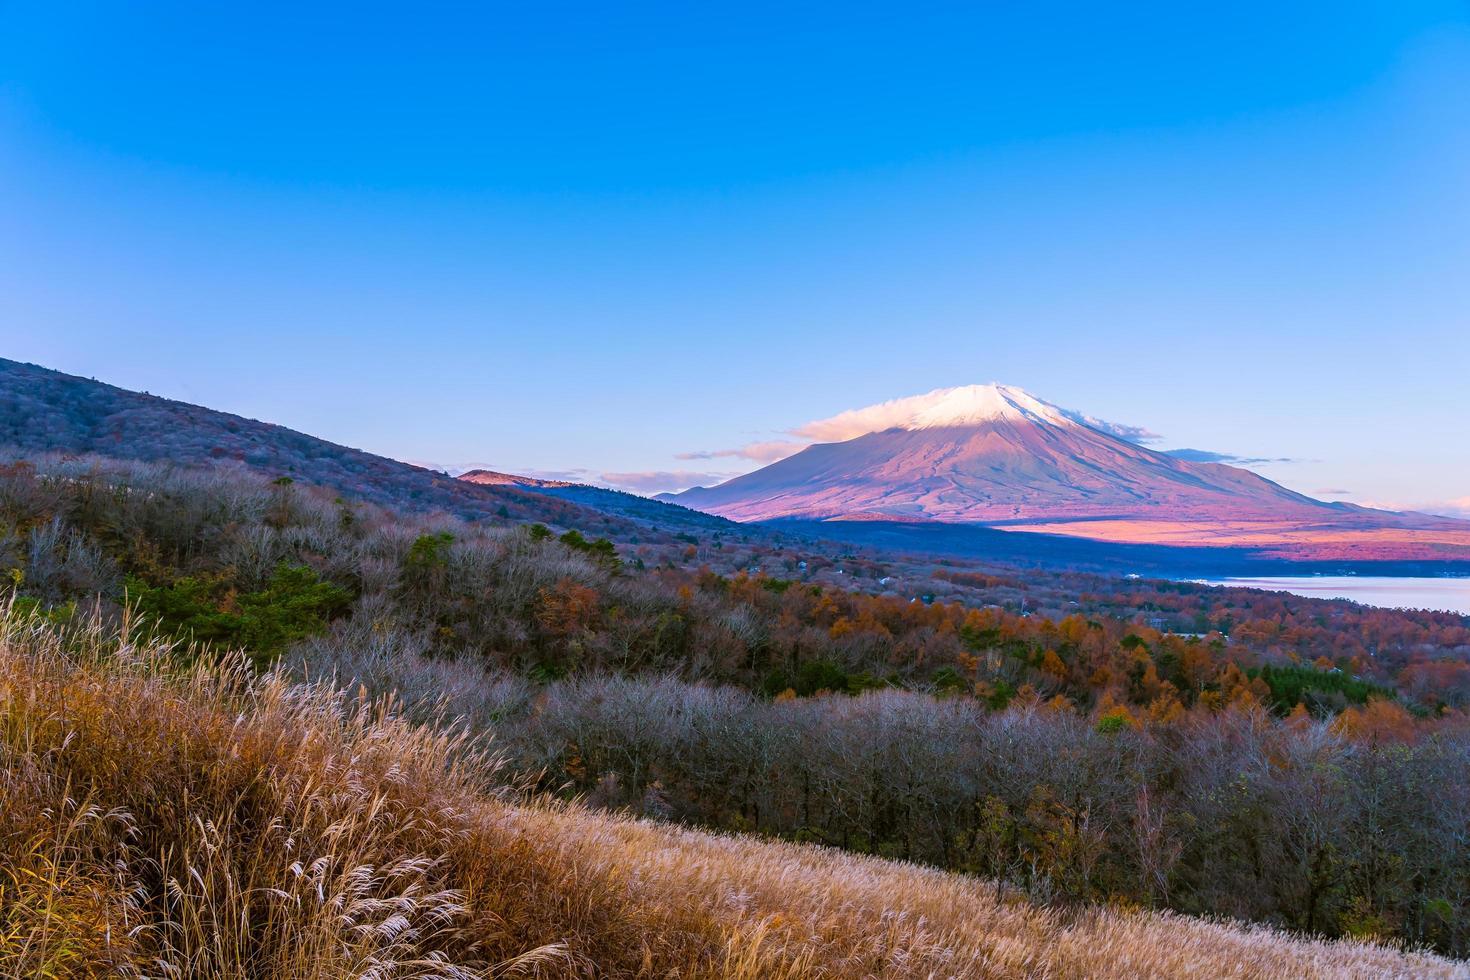 mooie mt. fuji bij yamanaka lake, japan foto